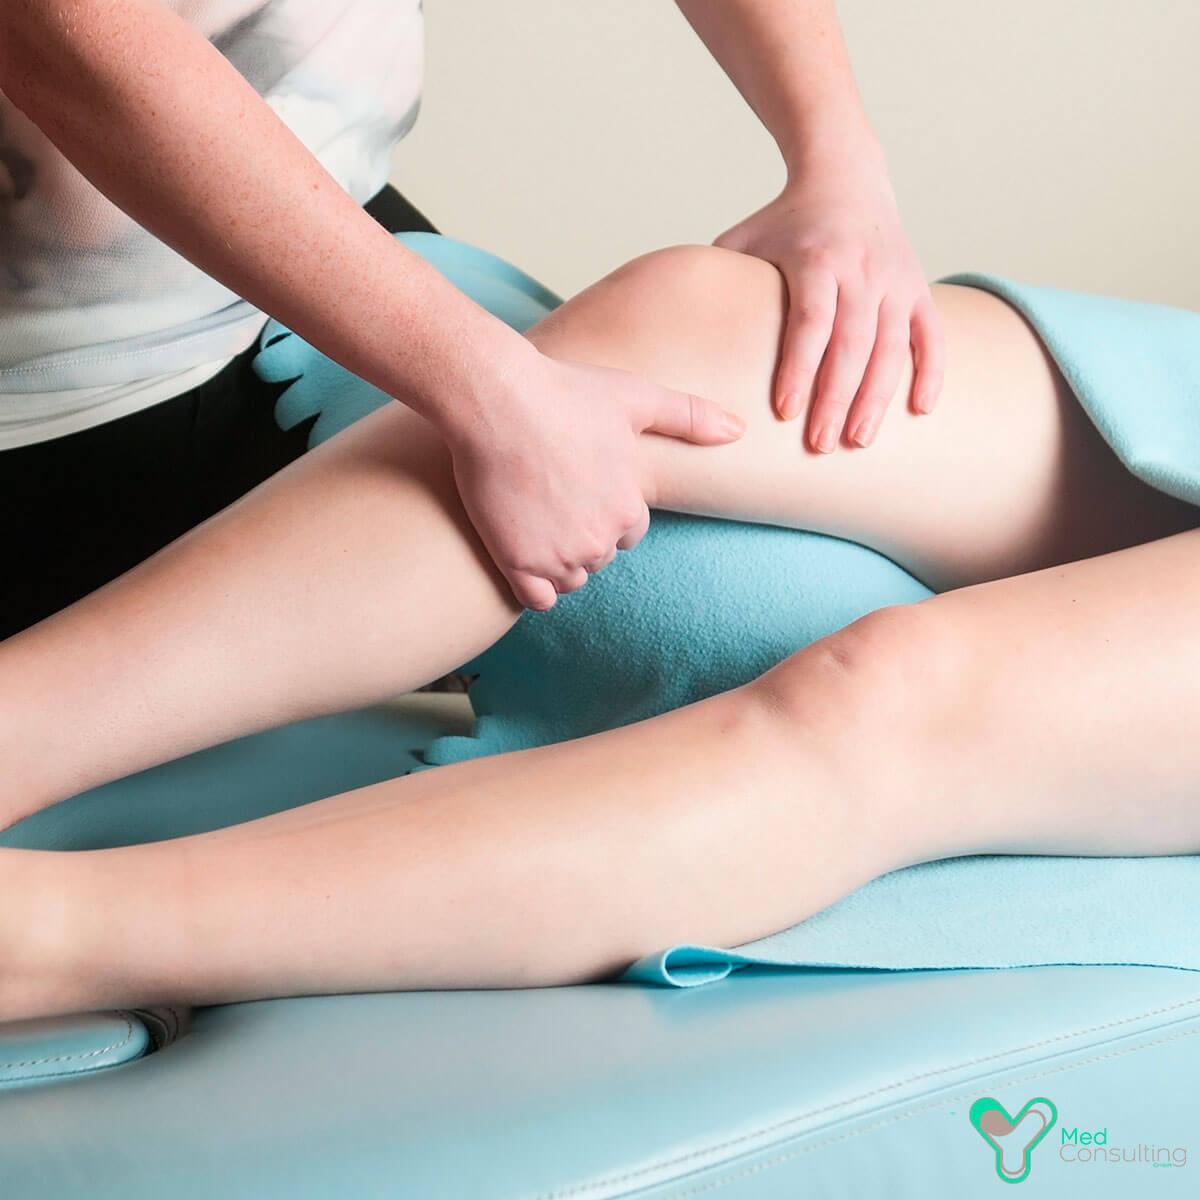 Лечение суставов в Германии - цена, клиники, отзывы